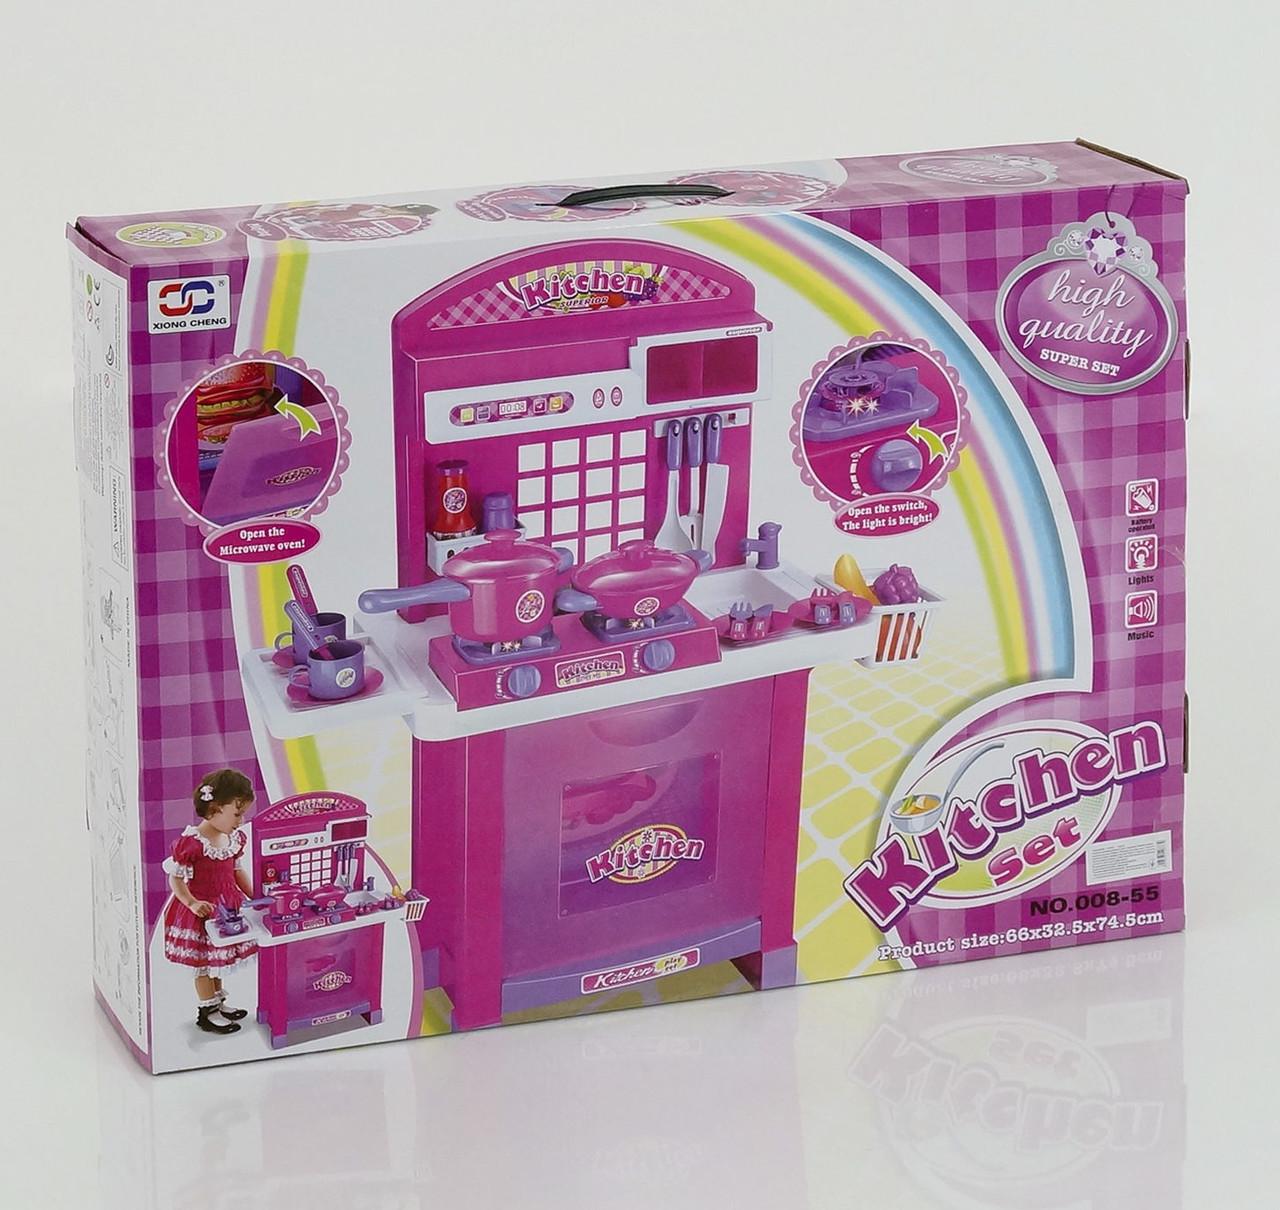 Детская игровая кухня 008-55